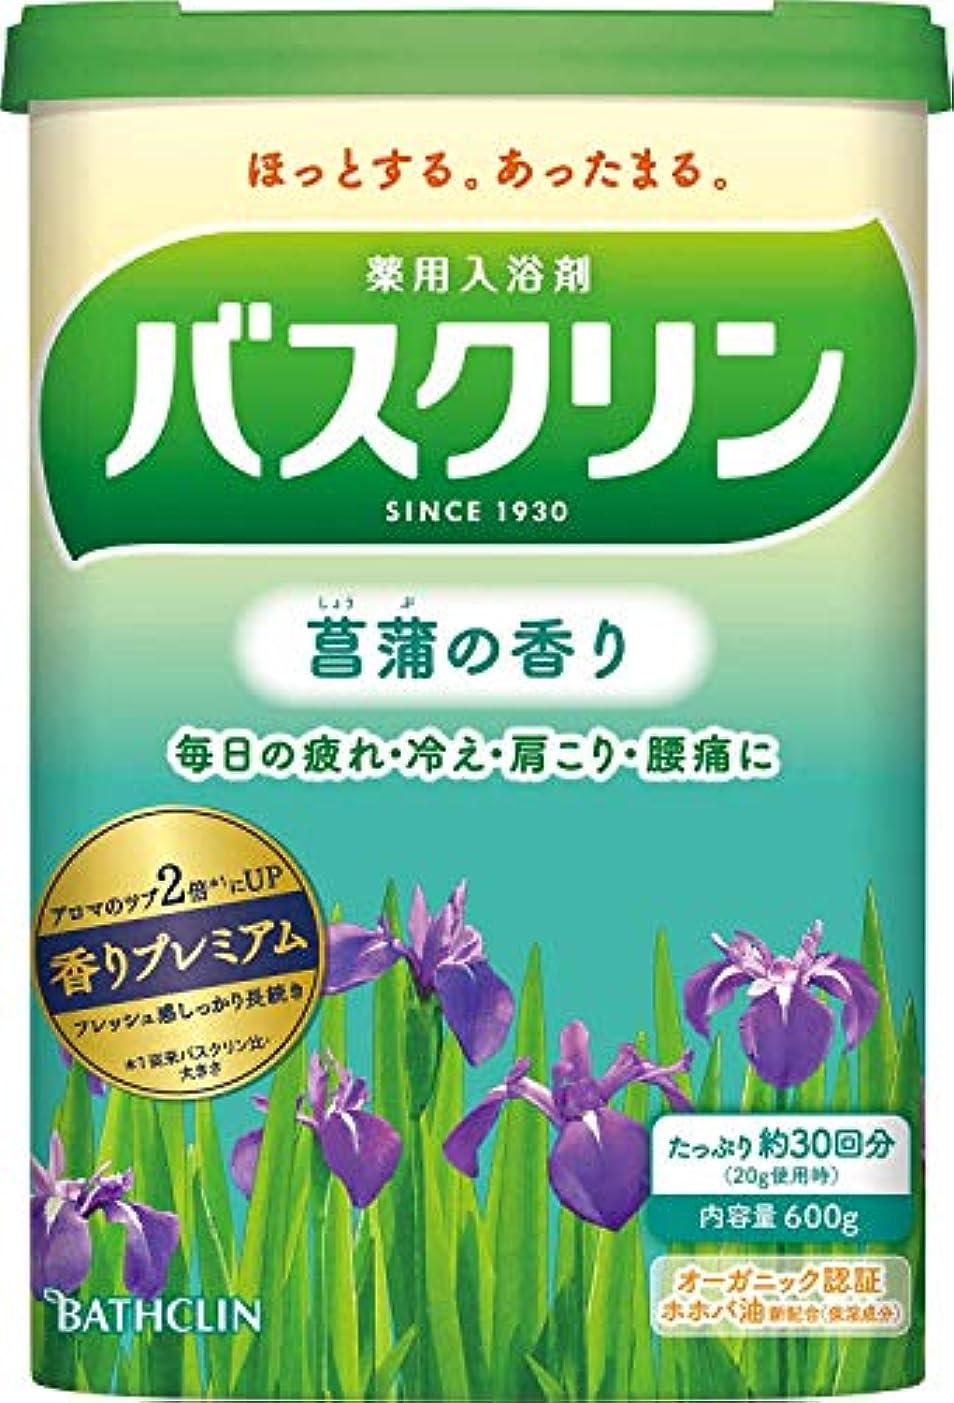 気になるハム受ける【医薬部外品】バスクリン入浴剤 菖蒲の香り600g(約30回分) 疲労回復